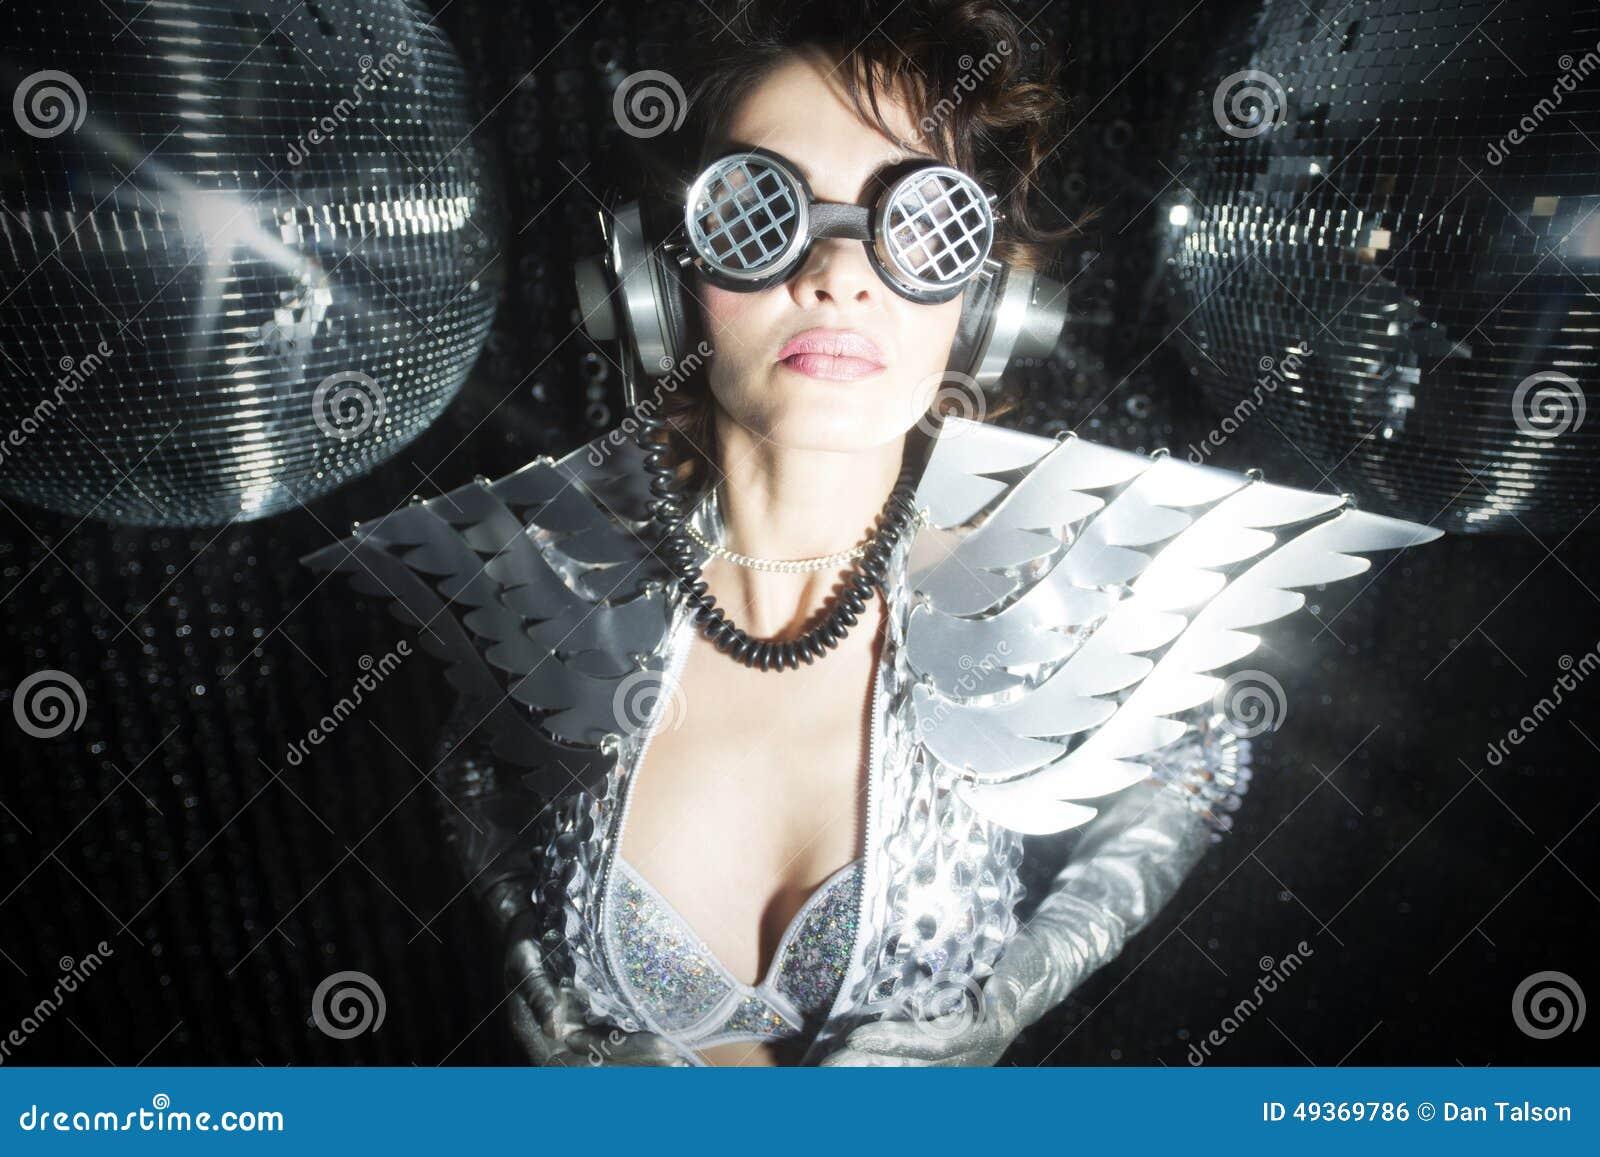 dildo geschichte sex party disco